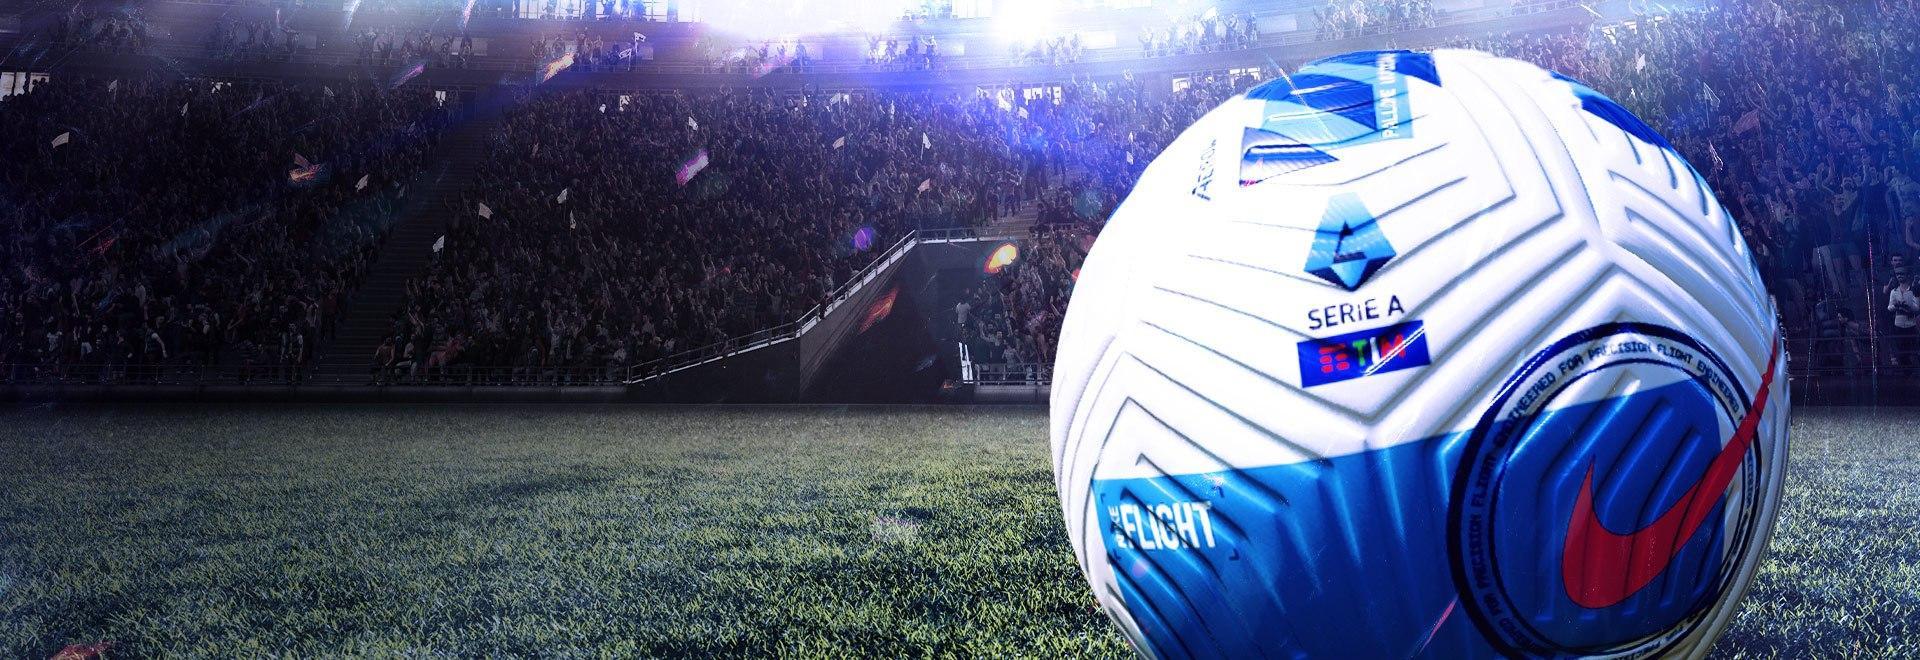 Serie A - Stag. 2021 Ep. 5a g. - Salernitana - Verona